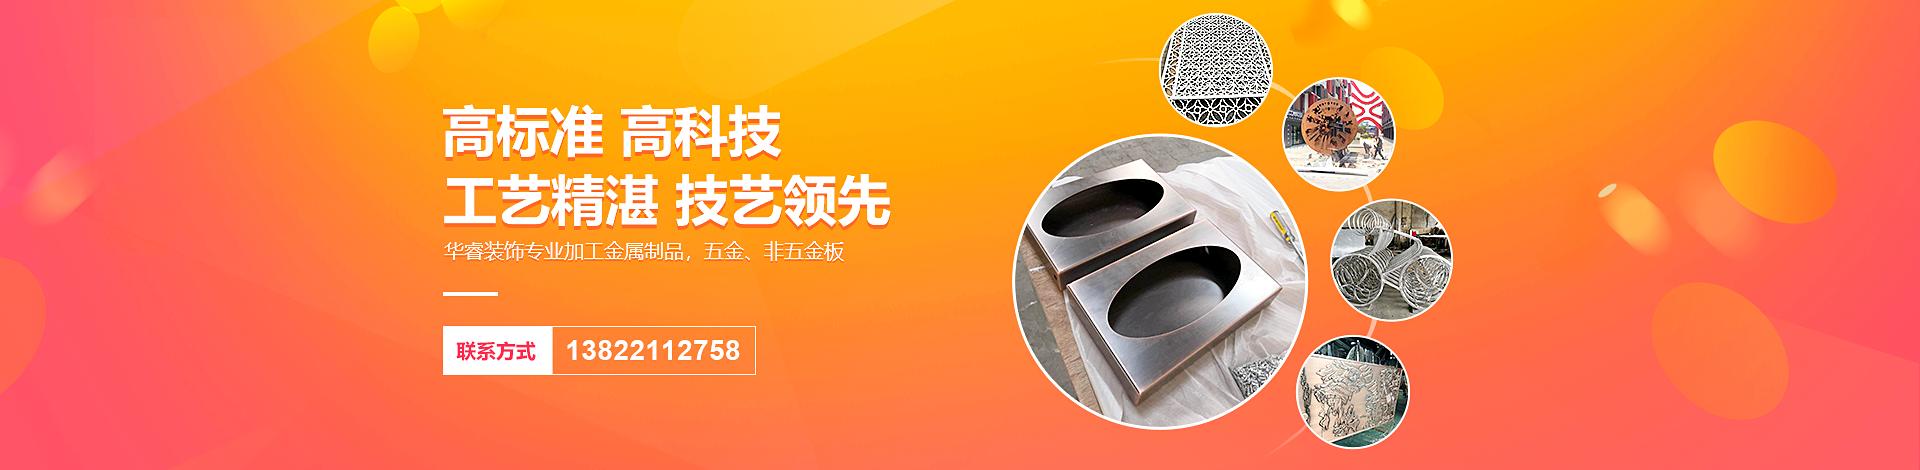 广州华睿装饰材料有限公司